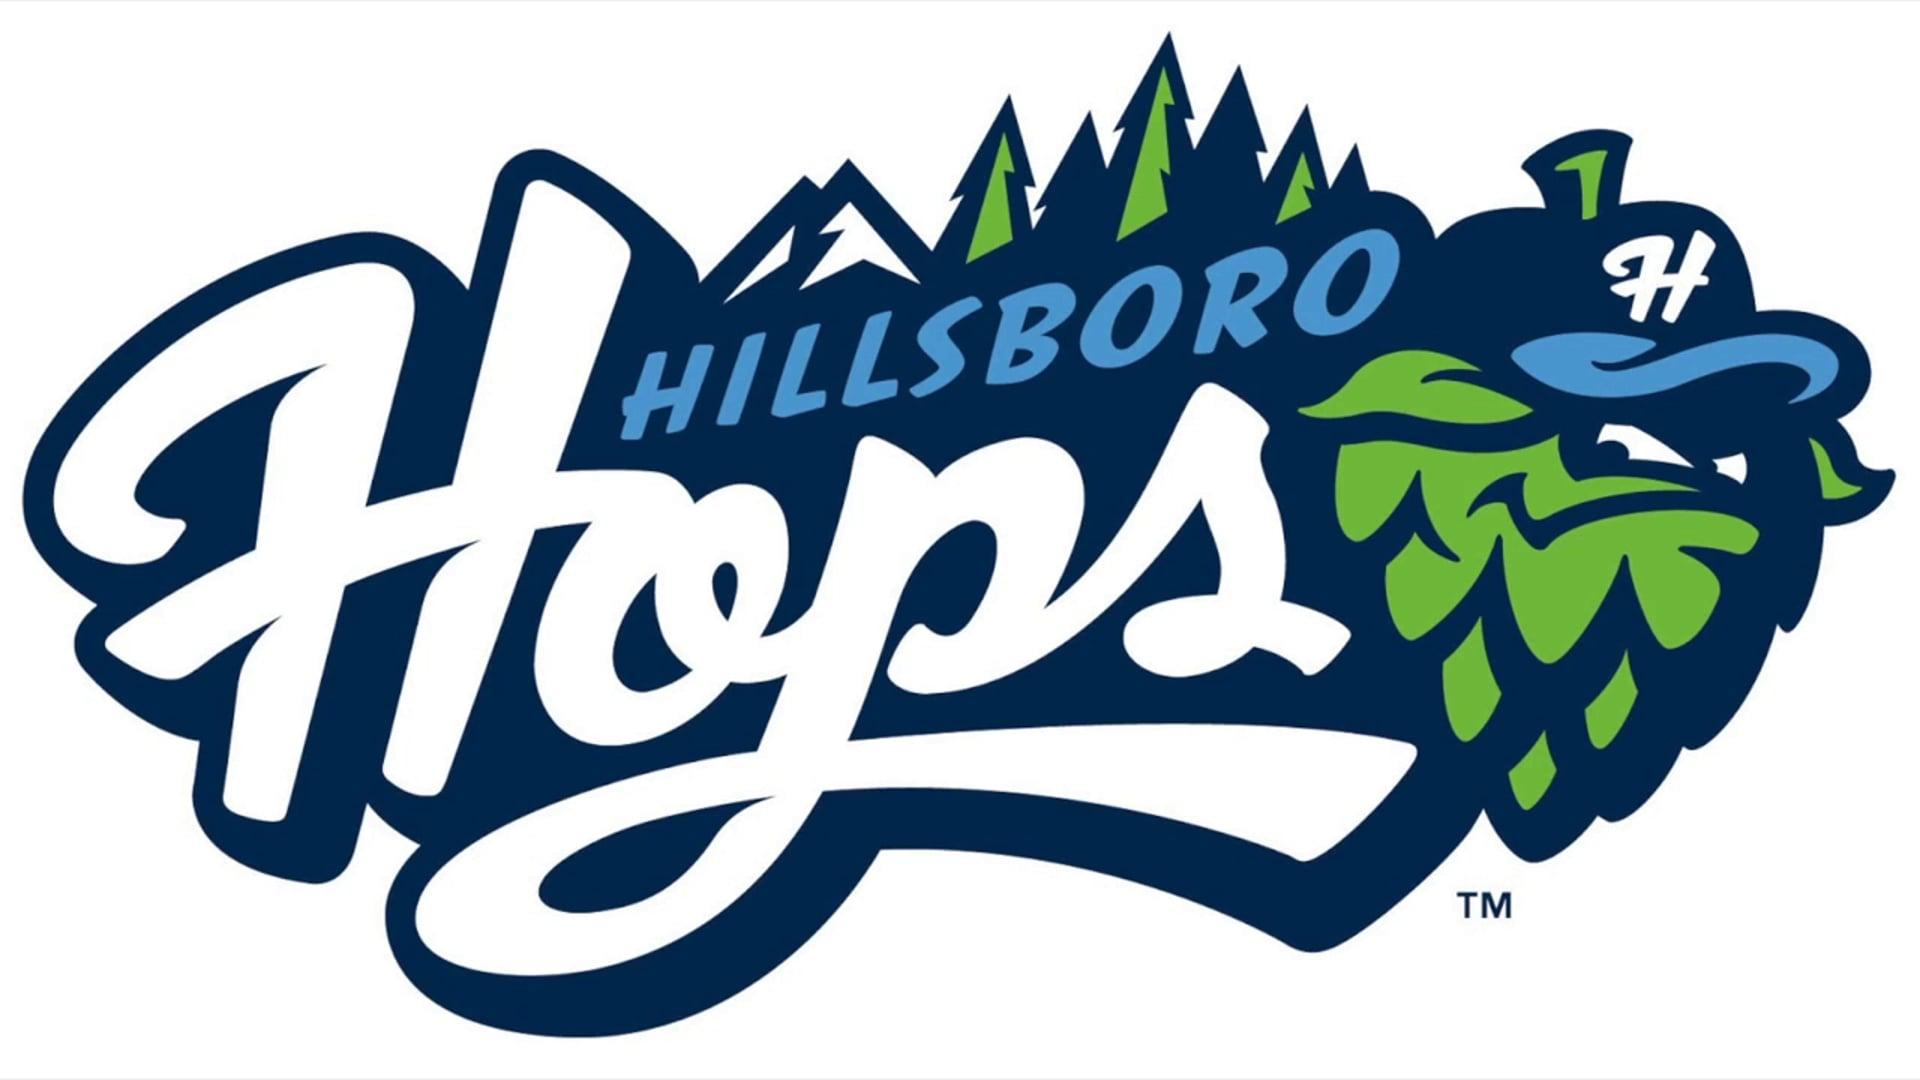 Hillsboro Hopps Baseball